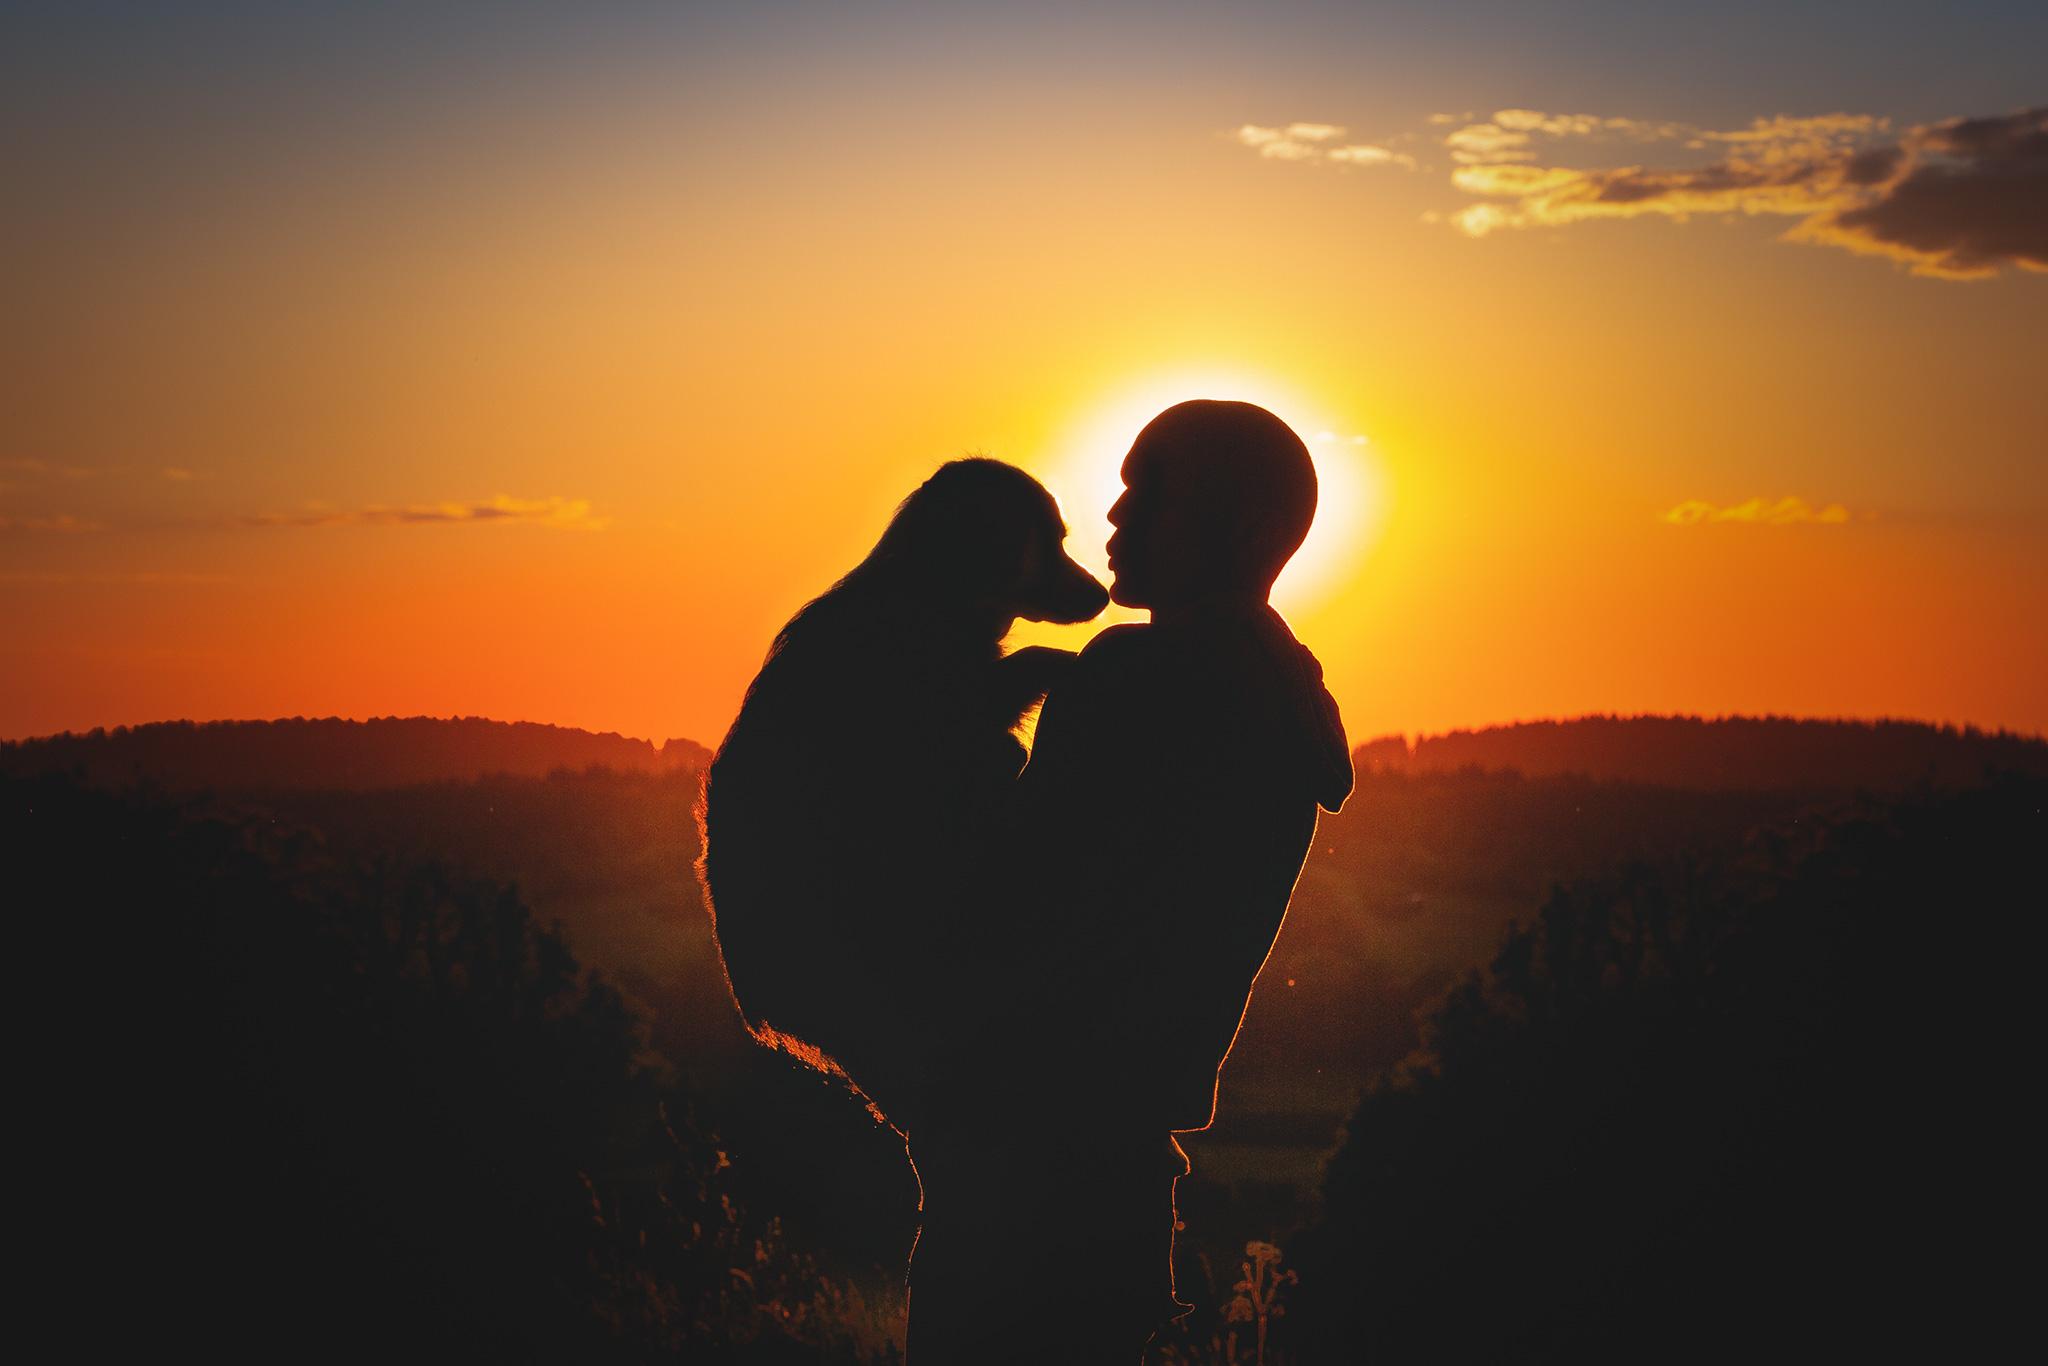 Mensch und Hund im Sonnenuntergang